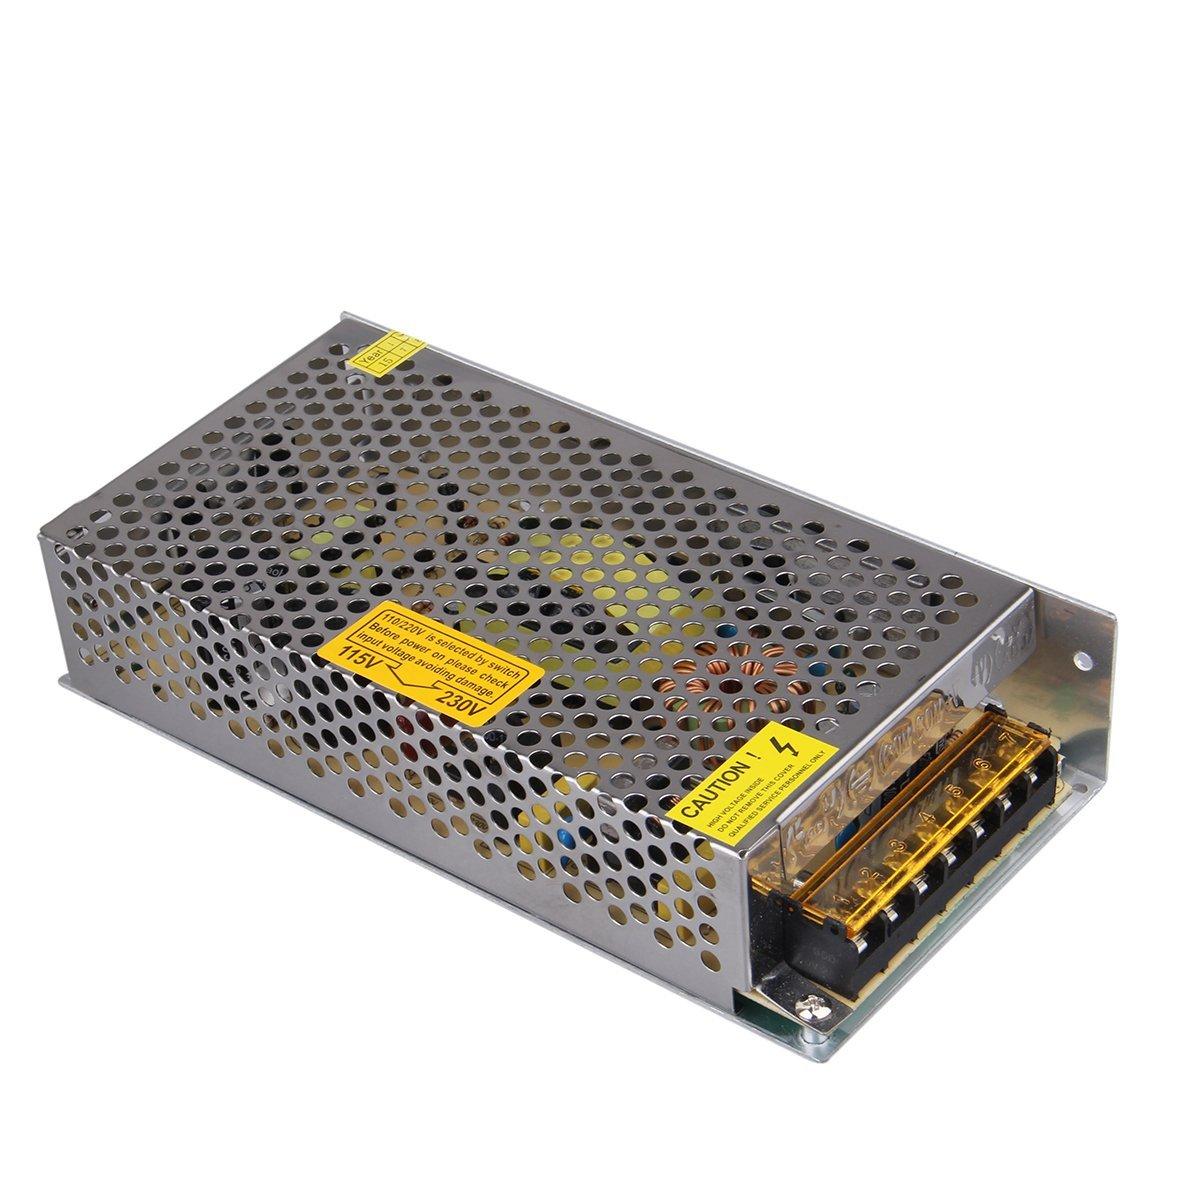 XKTTSUEERCRR 12V 10A 120W Alimentation Convertisseur Transformateur Adaptateur pour 3528/5050 LED Bande Lumières